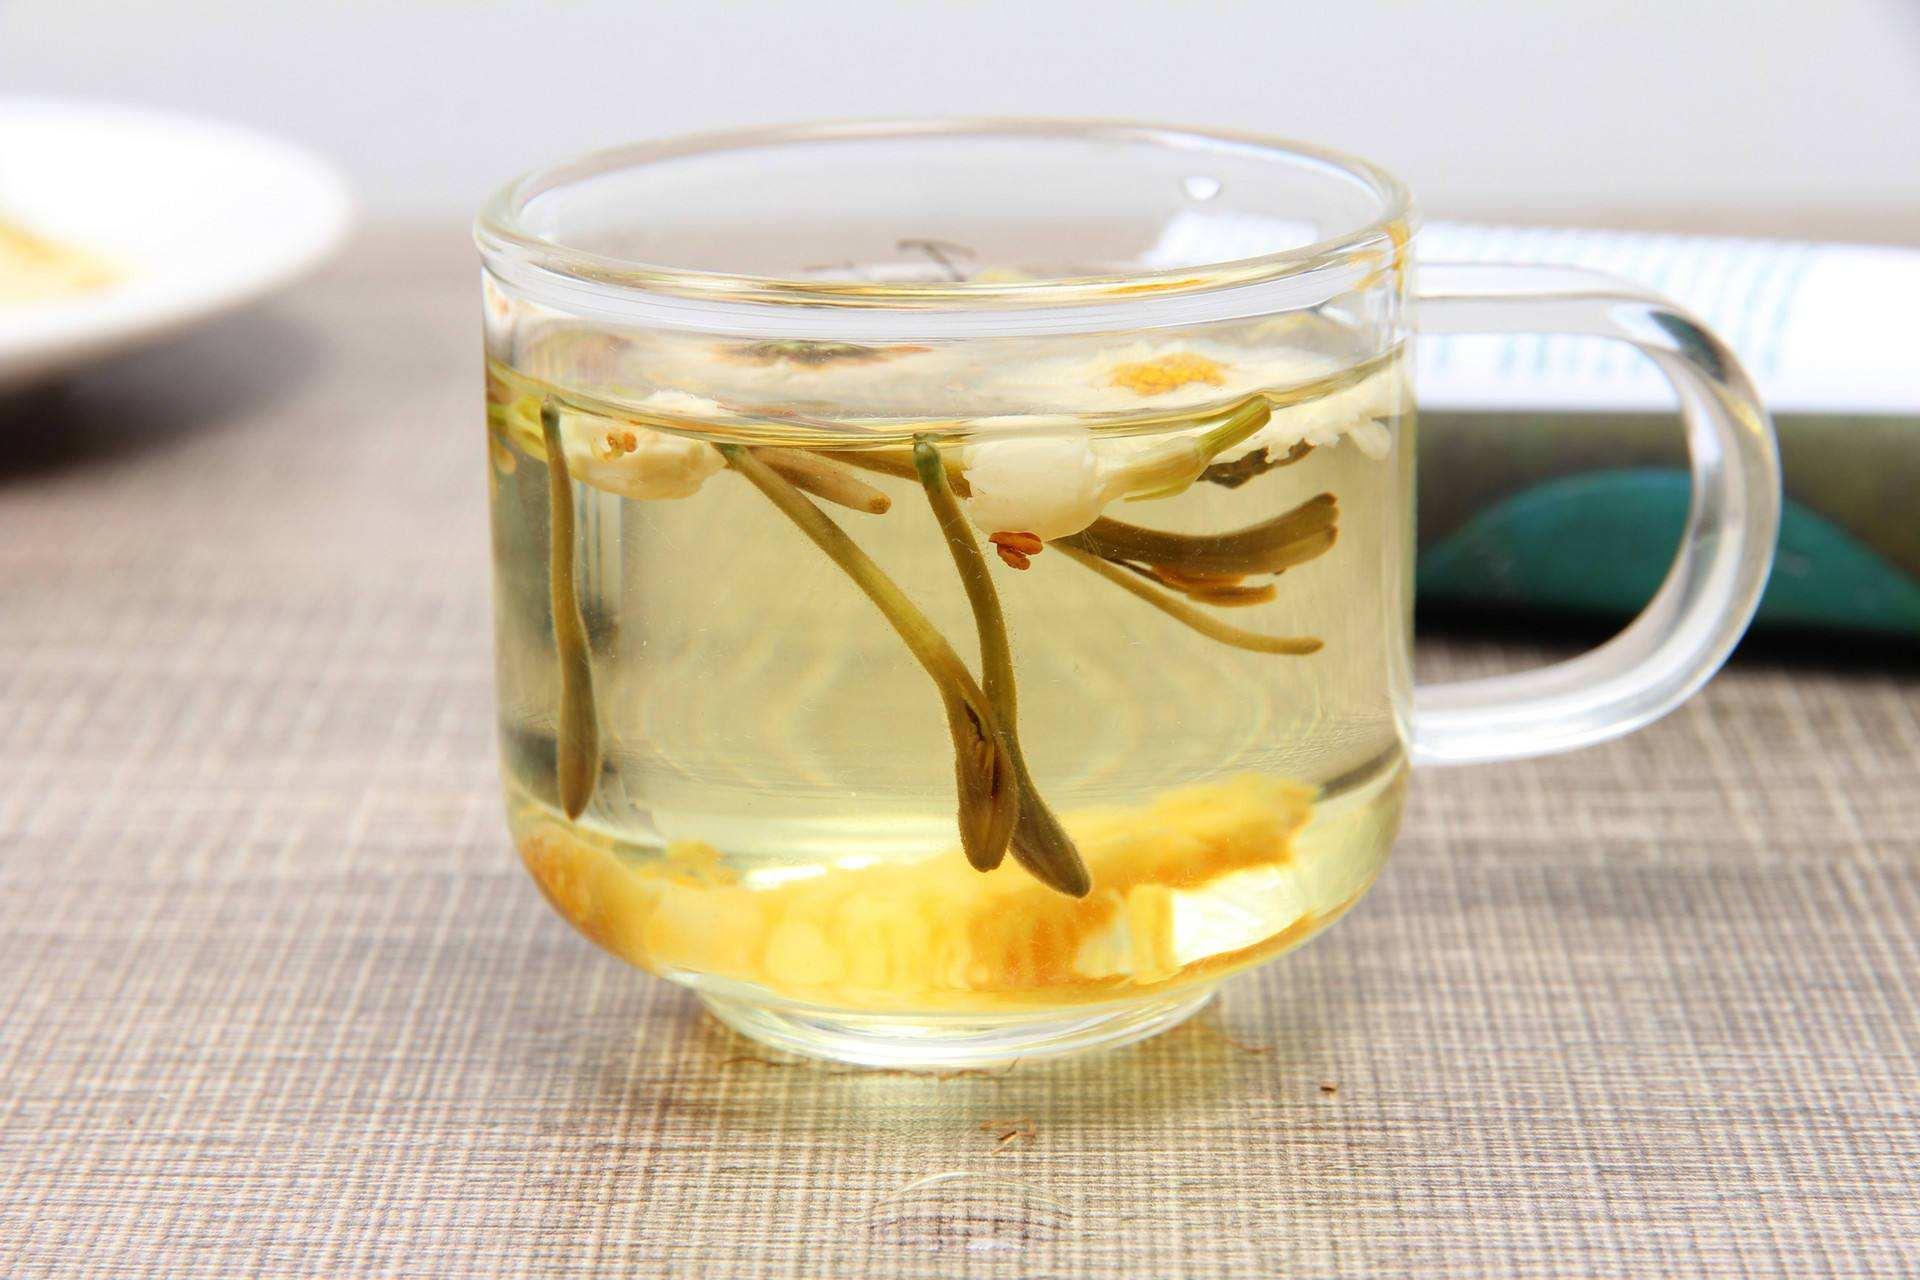 金银花水可以天天喝吗?有什么禁忌?